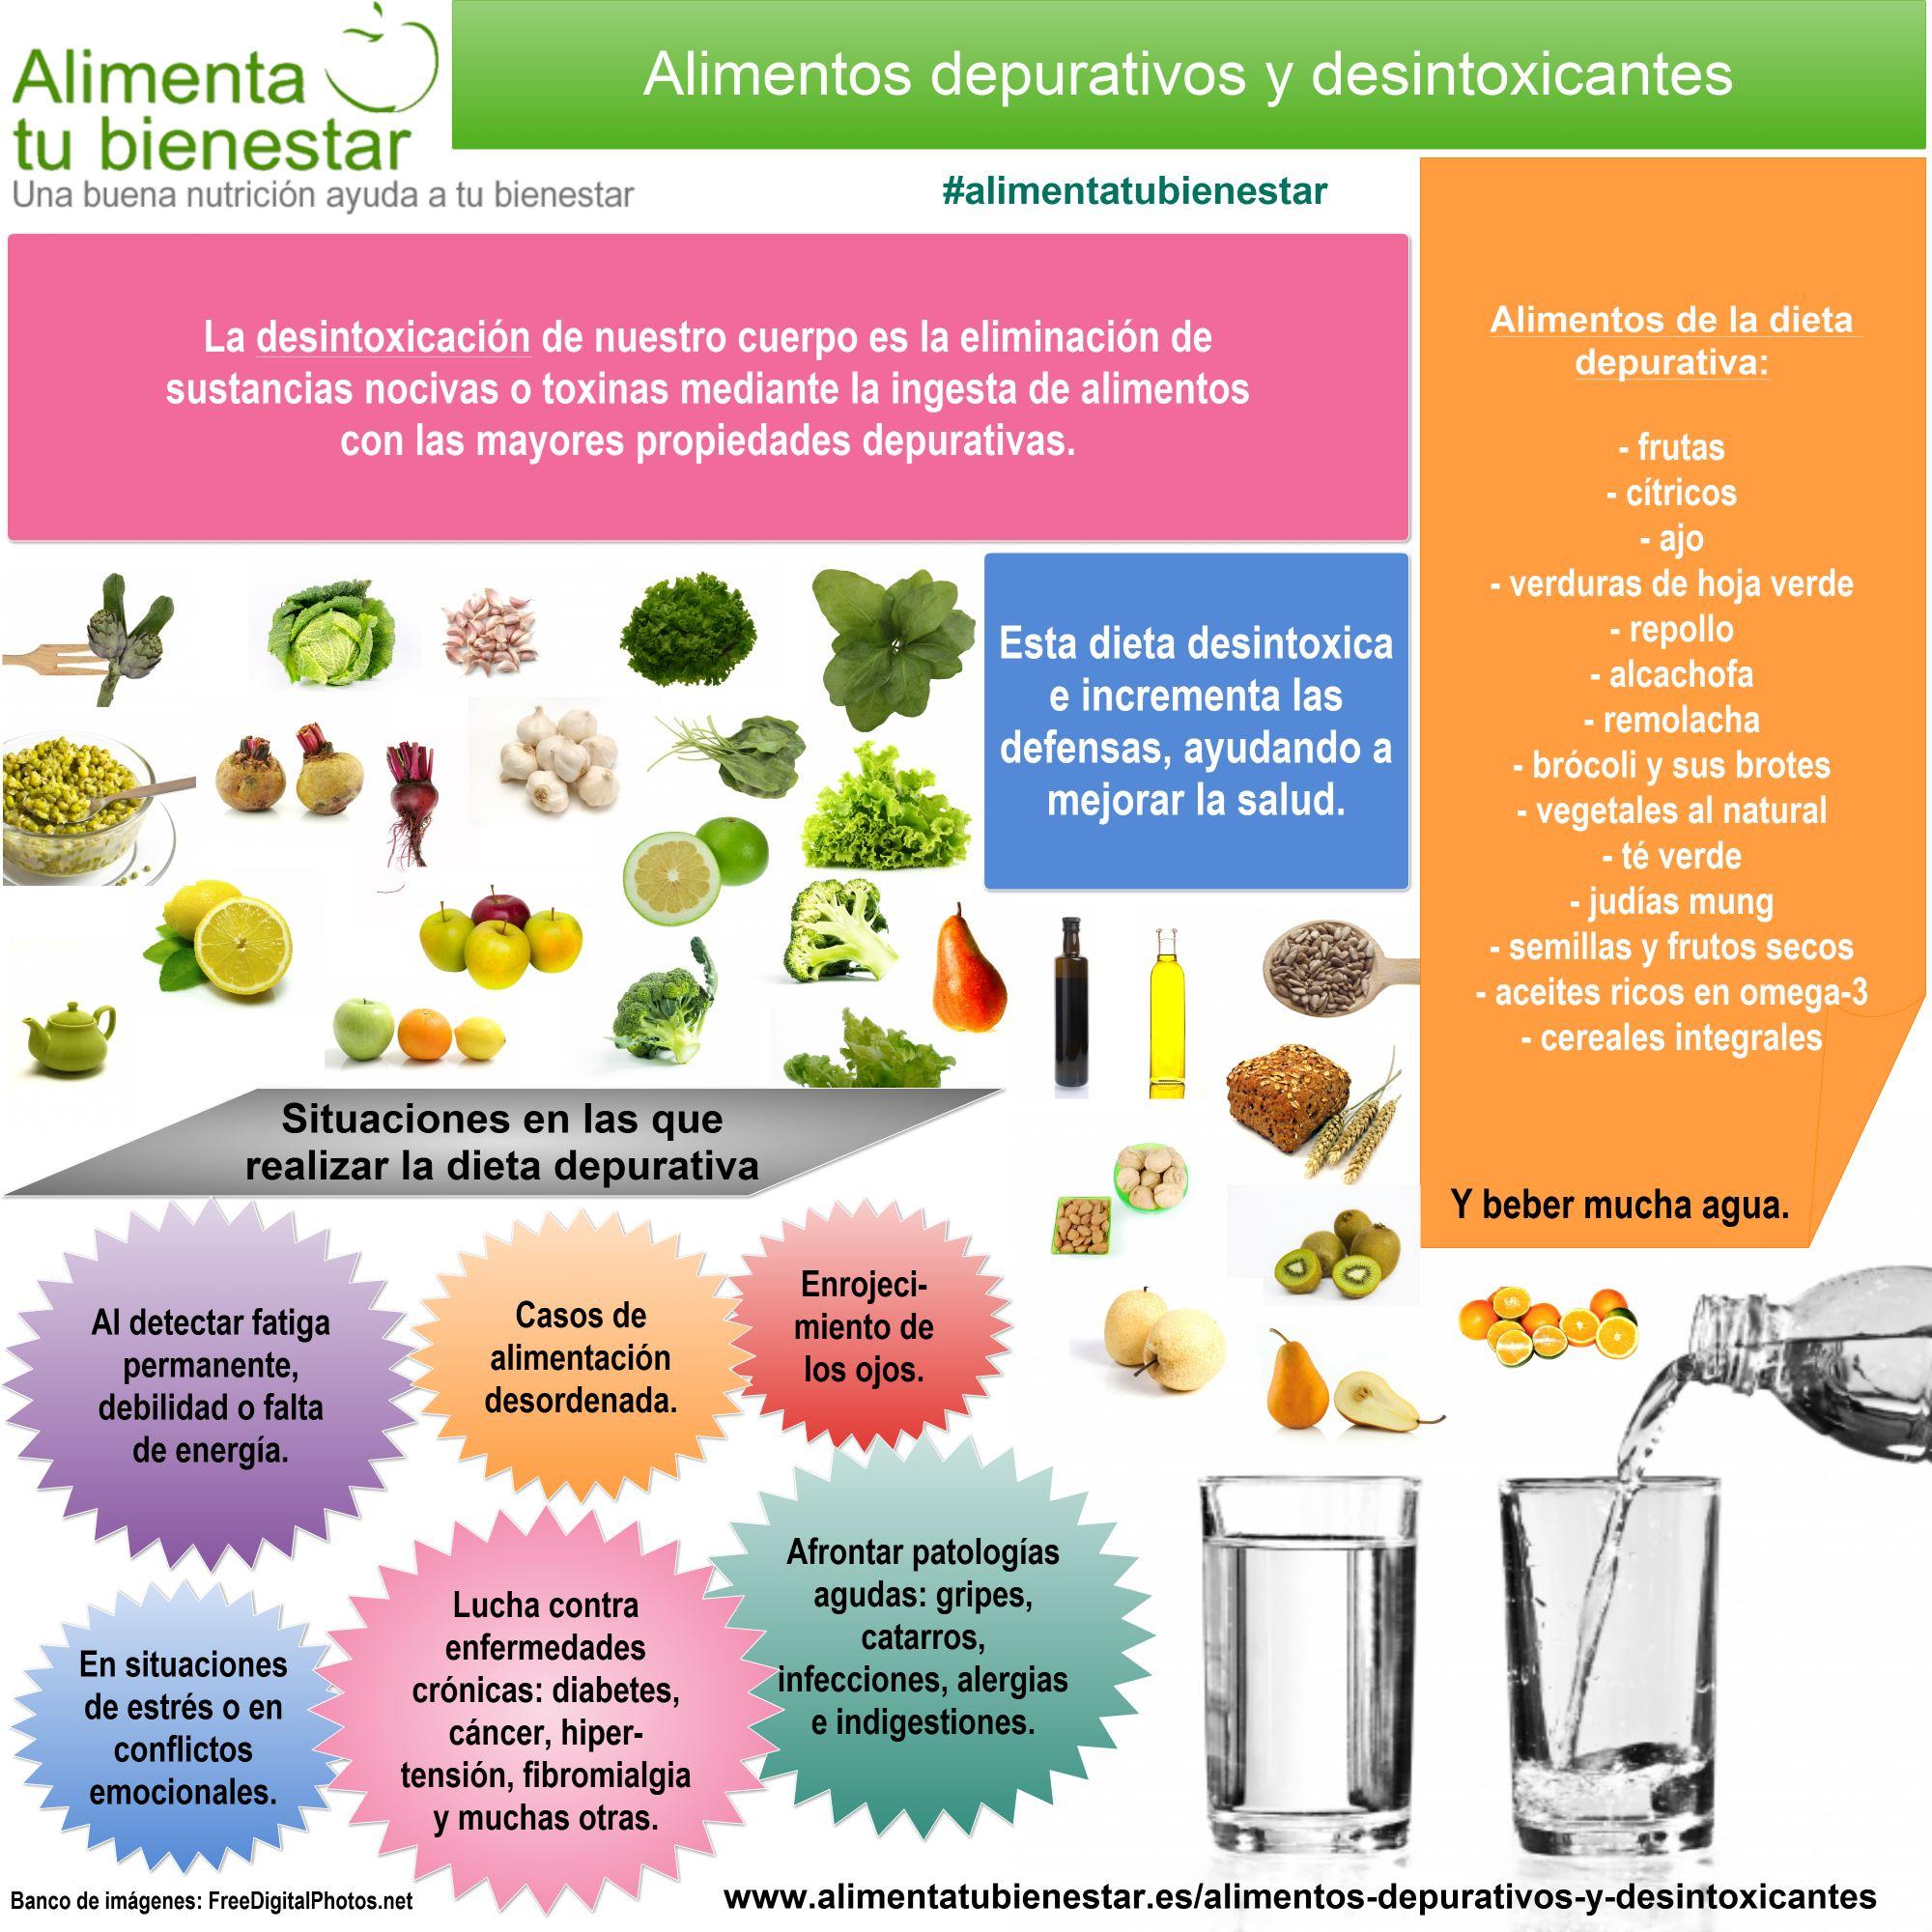 Alimentos depurativos y desintoxicantes